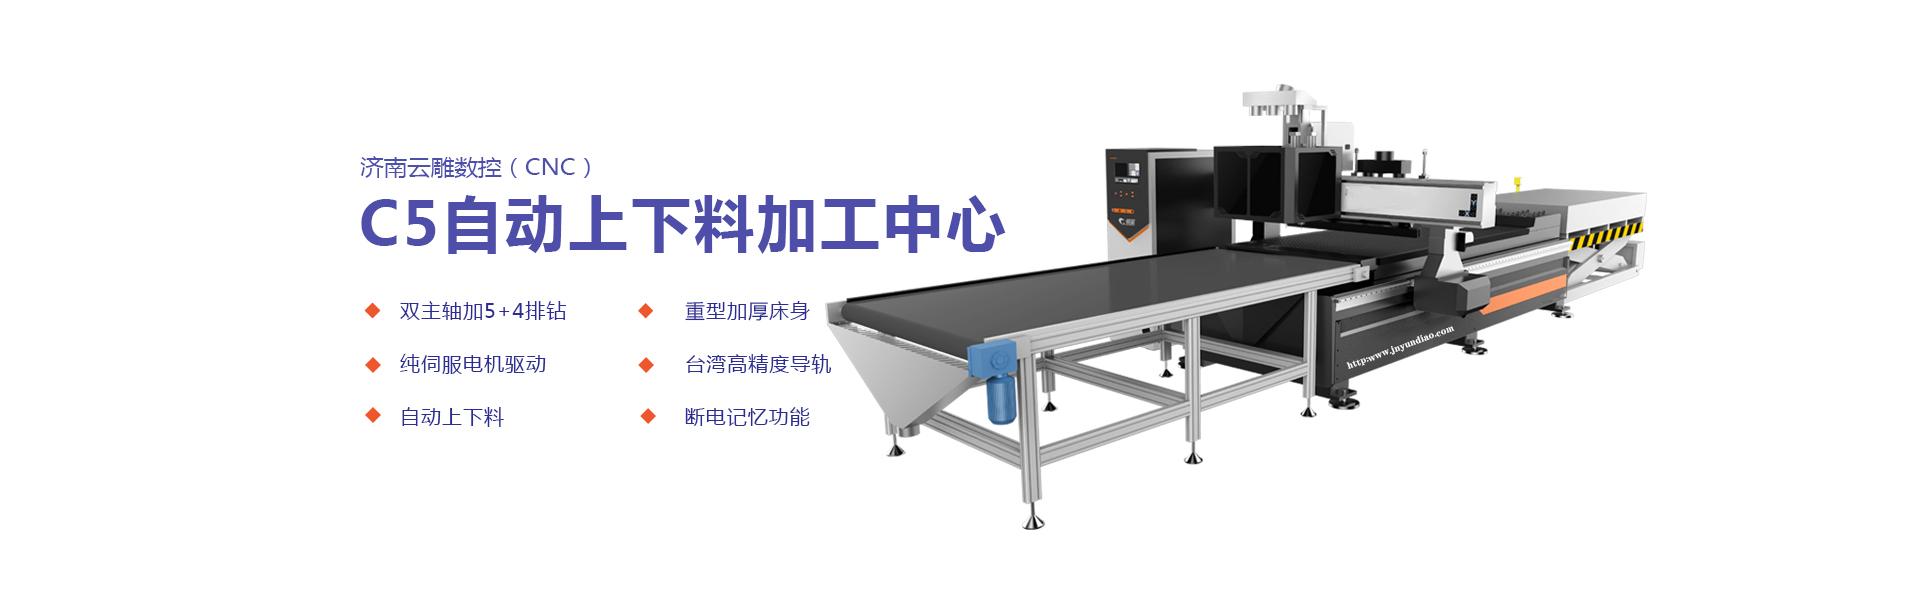 板式家具直排换刀和圆盘换刀数控开料机中哪个好比较好?